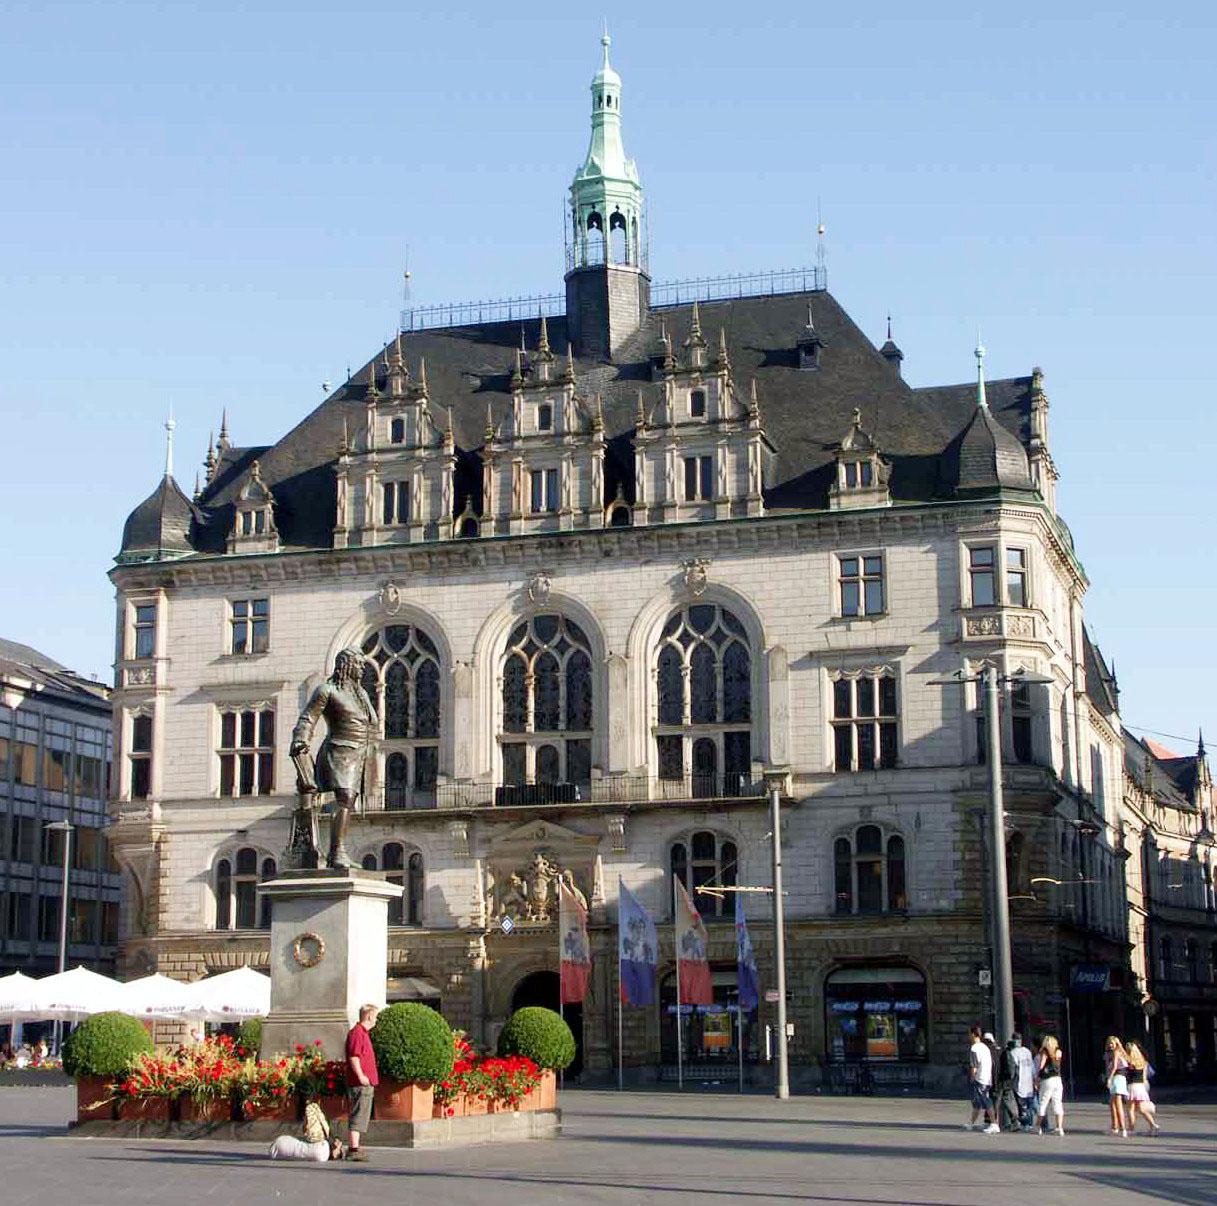 Халле, Германия: лучшие достопримечательности, где поесть и приятно провести время